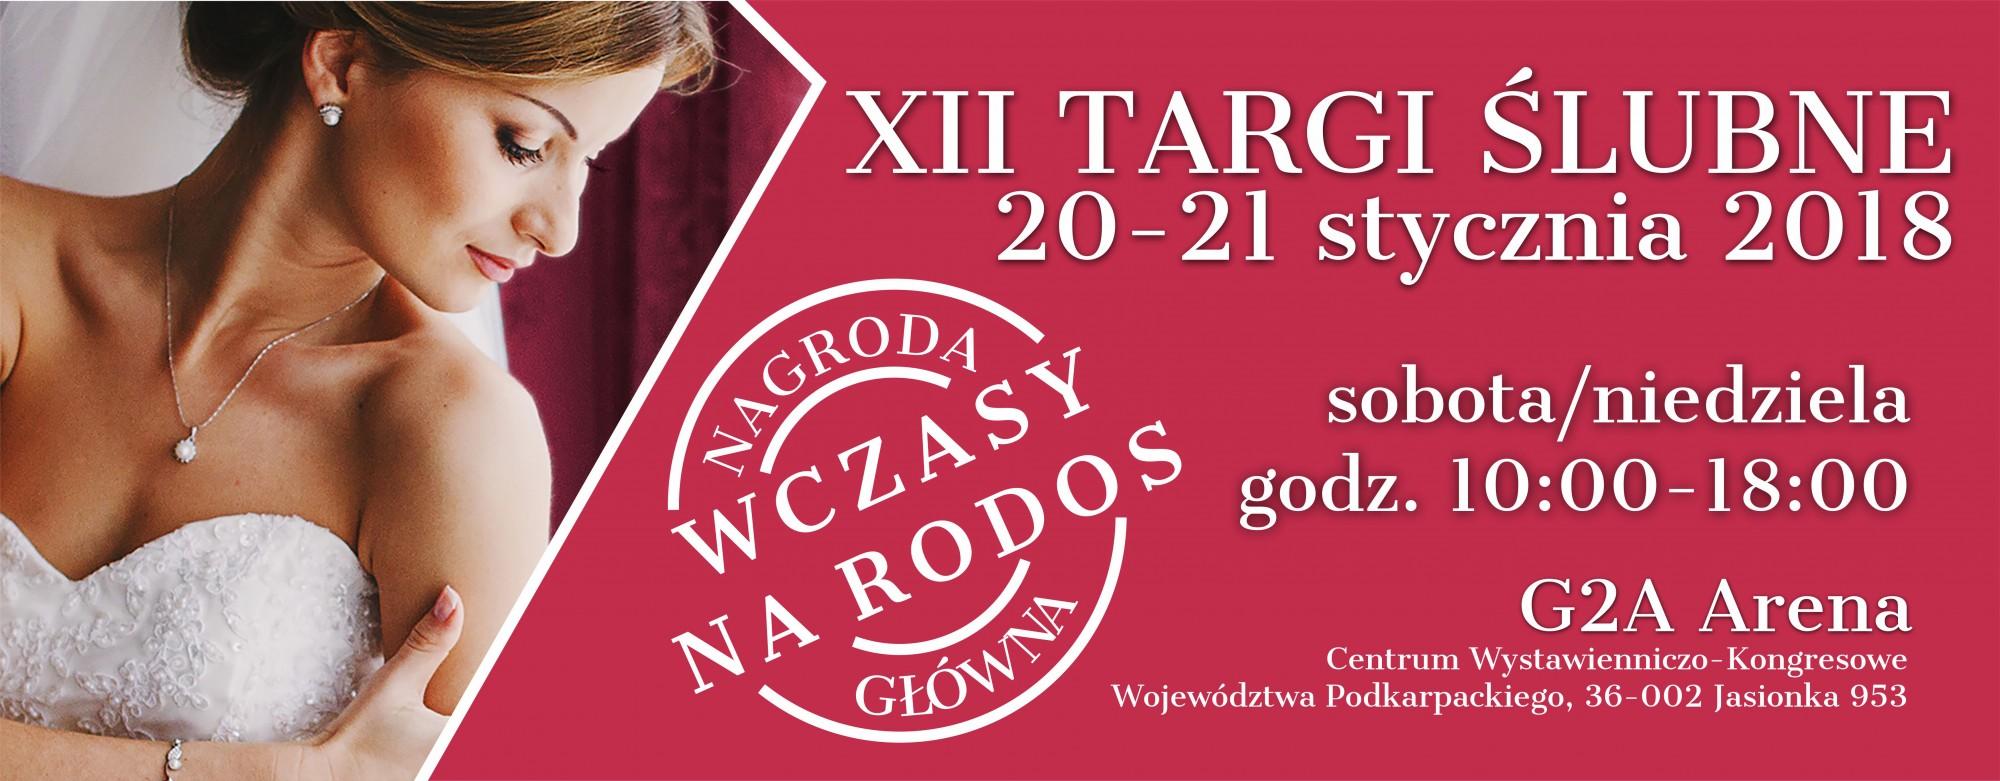 targi ślubne rzeszów 2018